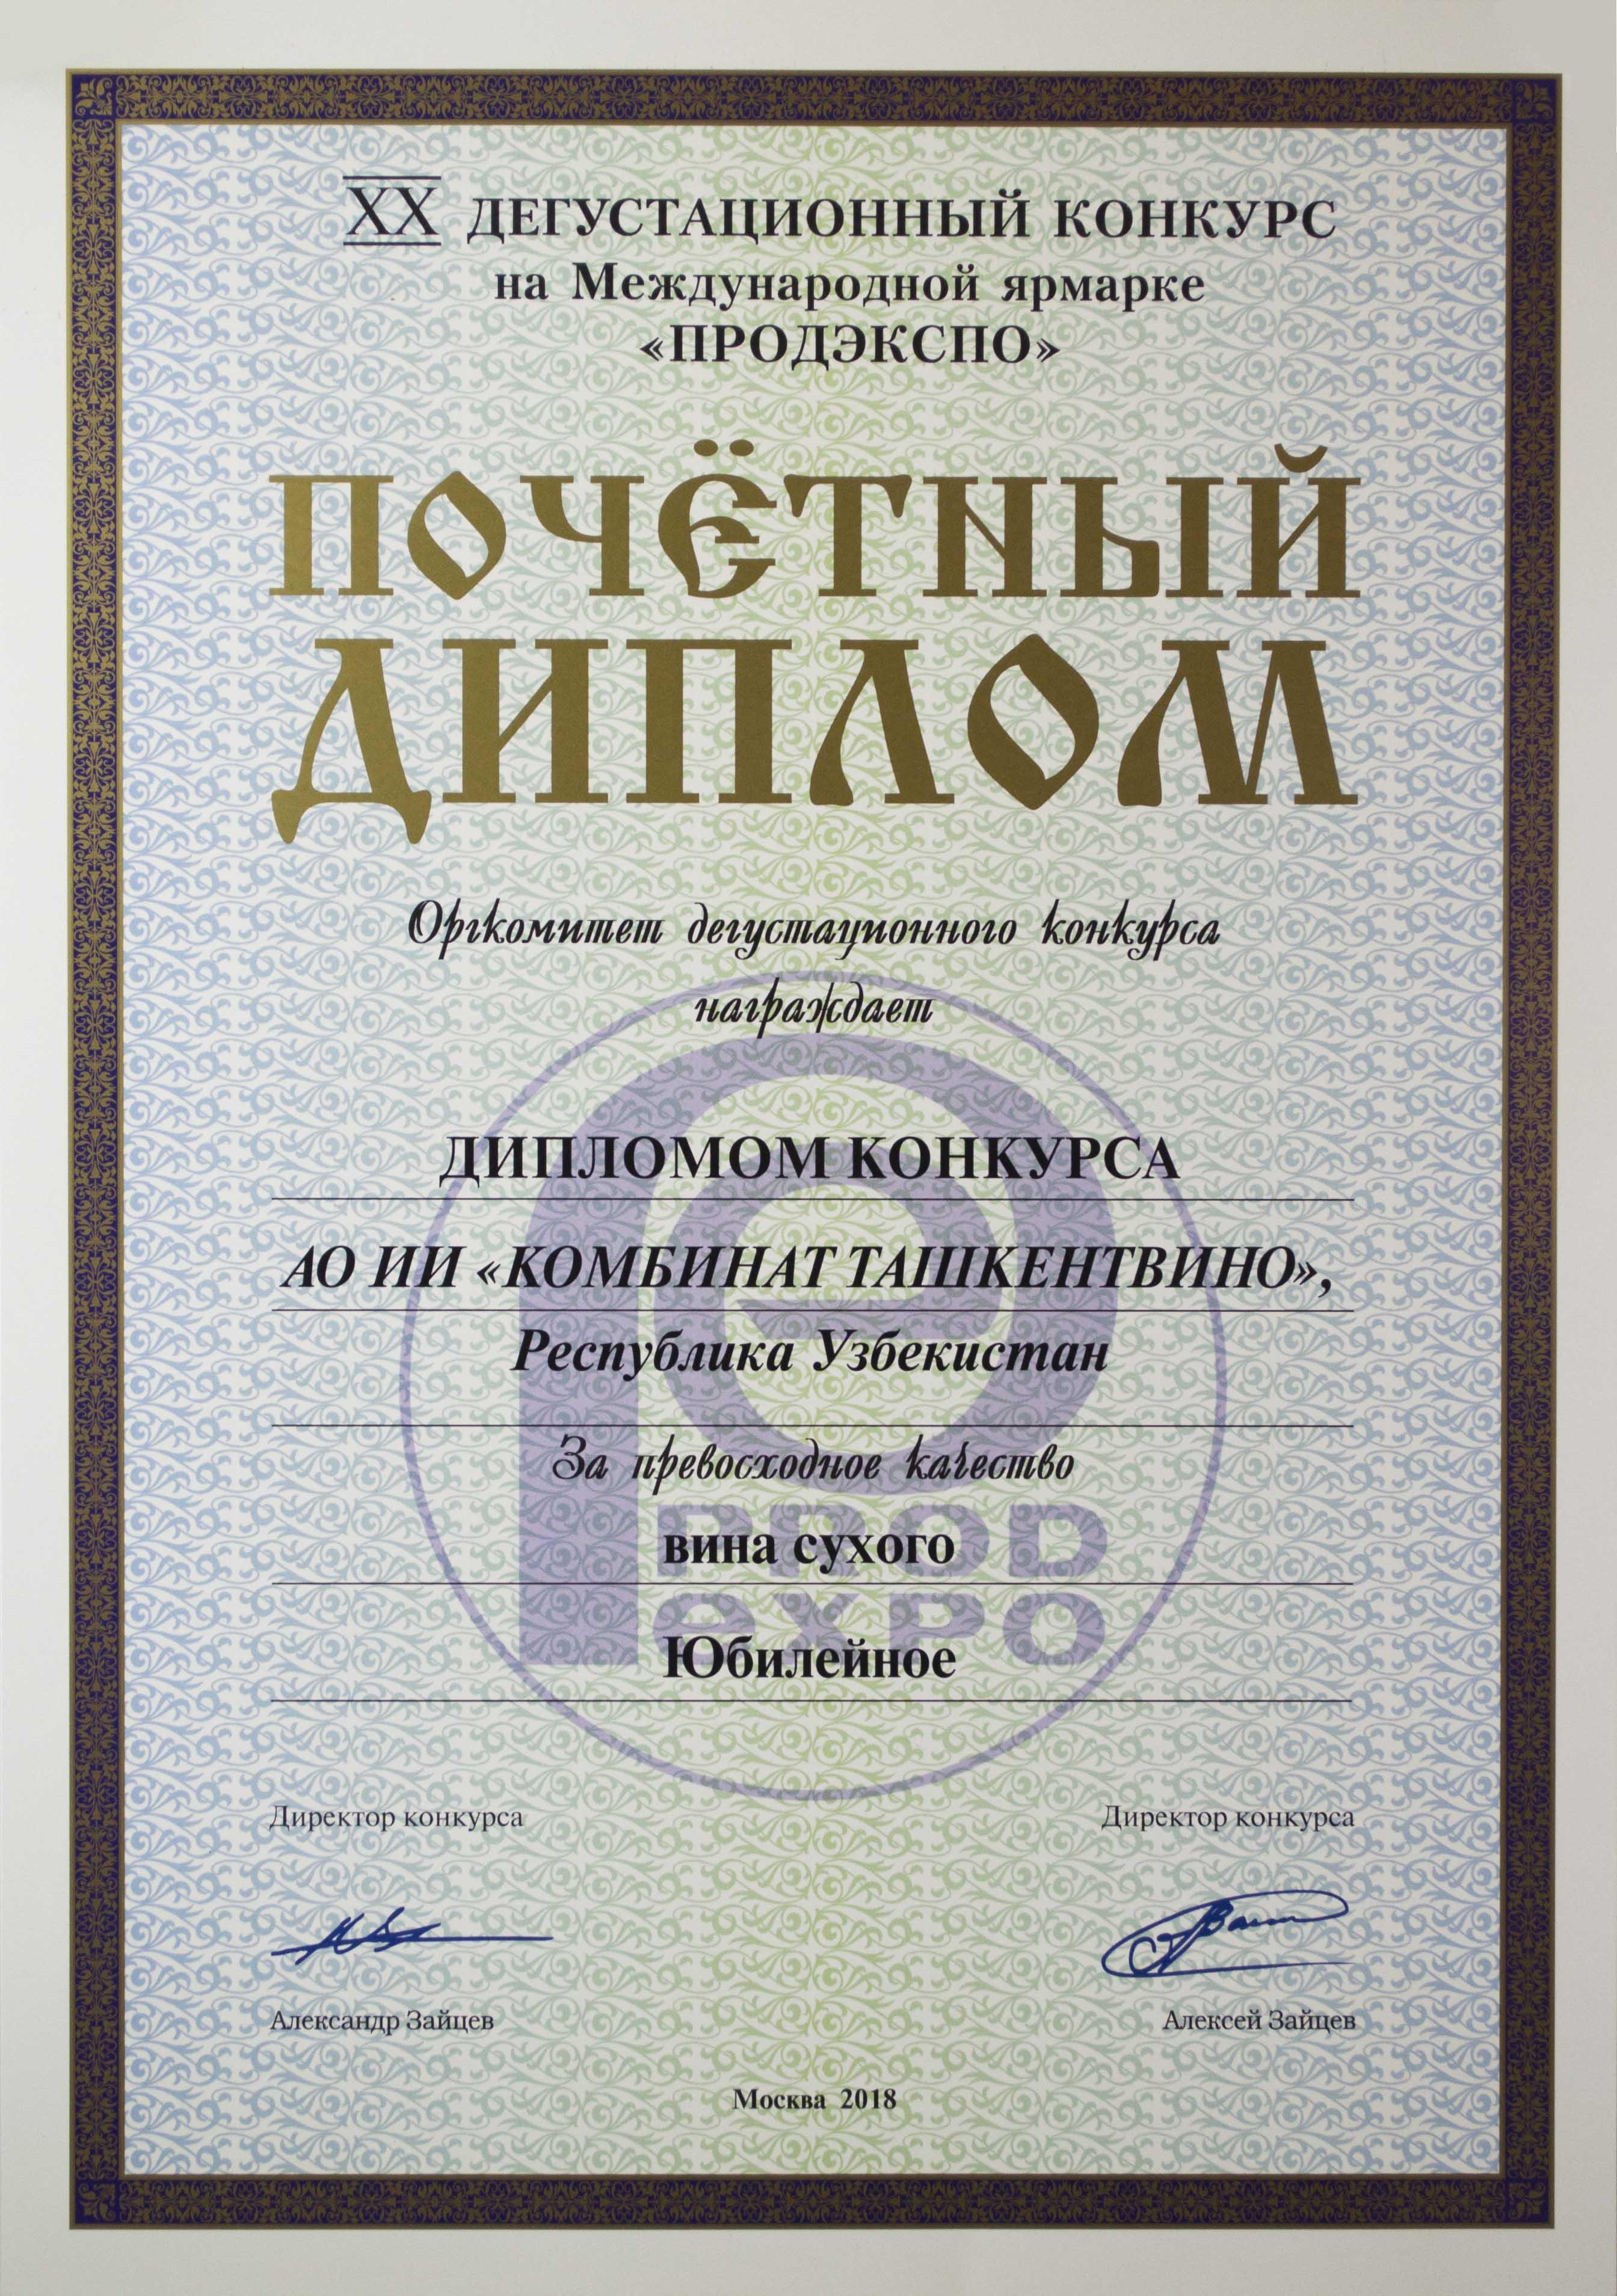 Диплом продэкспо- Сухое Вино Юбилейное 2018